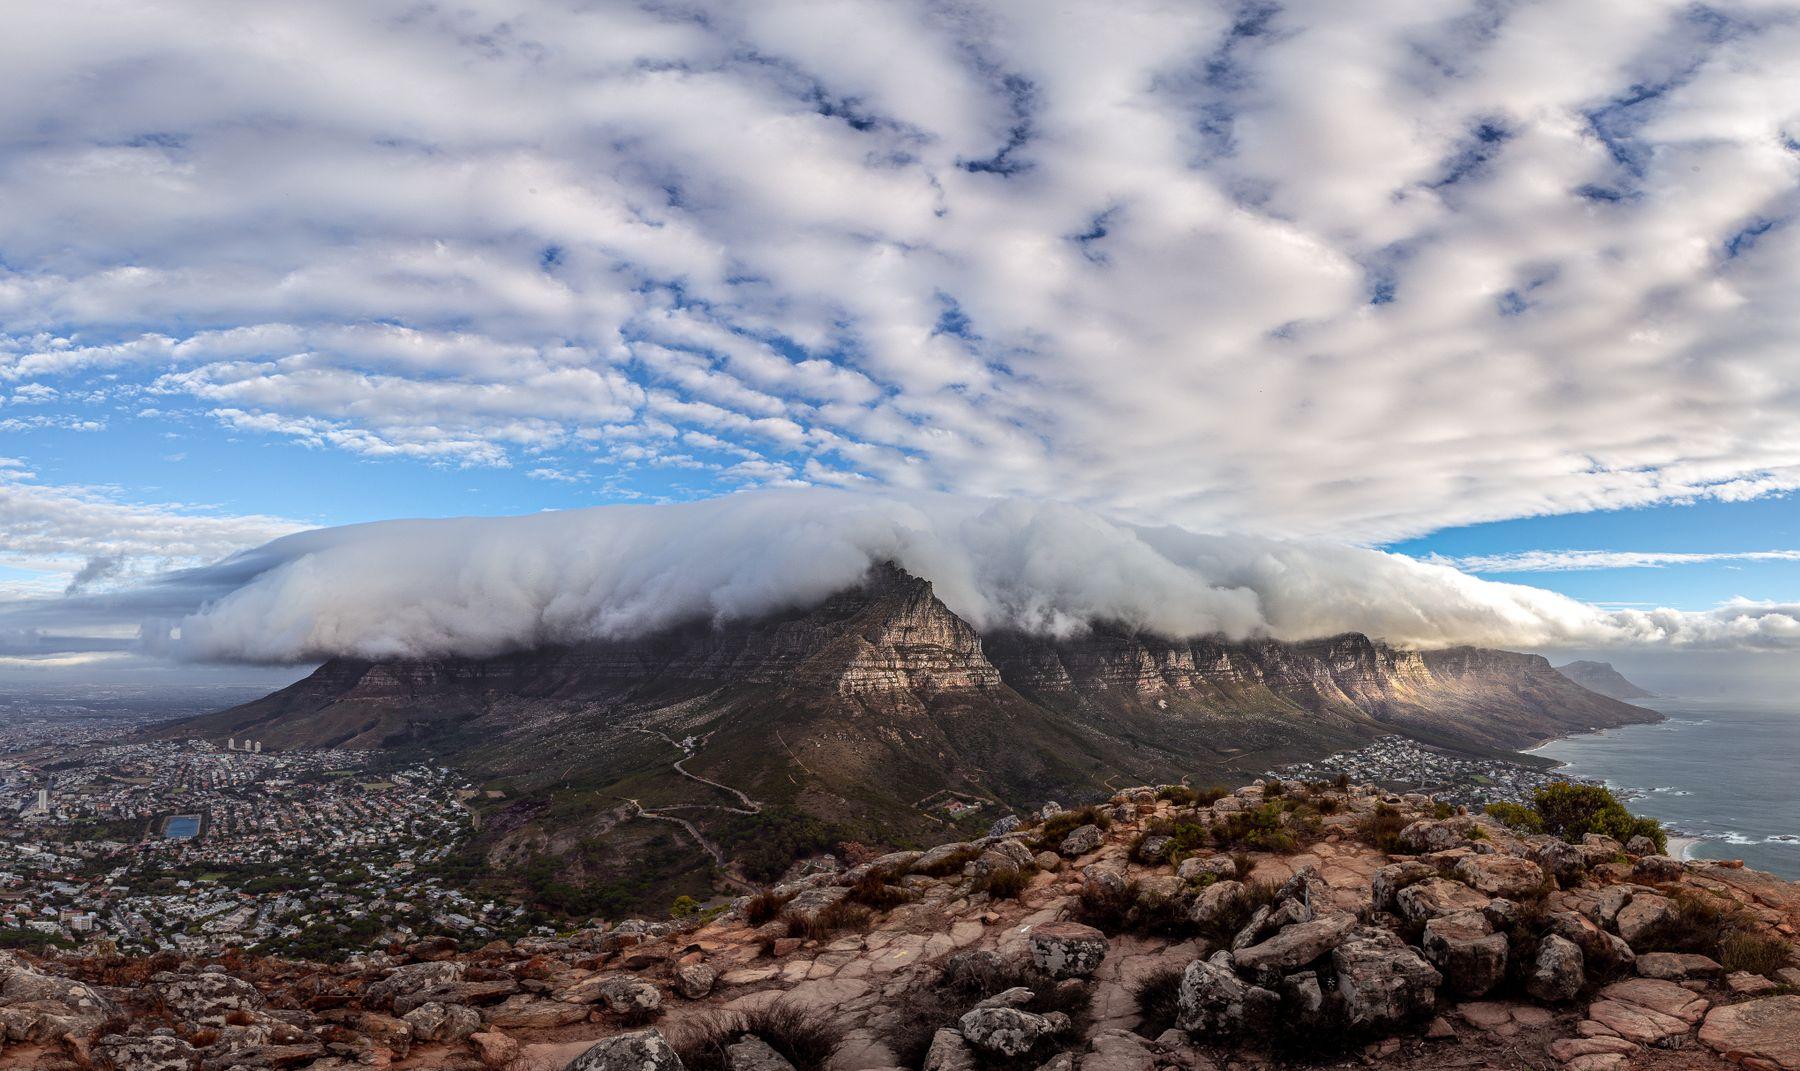 Облака над Кейптауном и Столовой горой африка ЮАР Кейптаун путешествия сафари